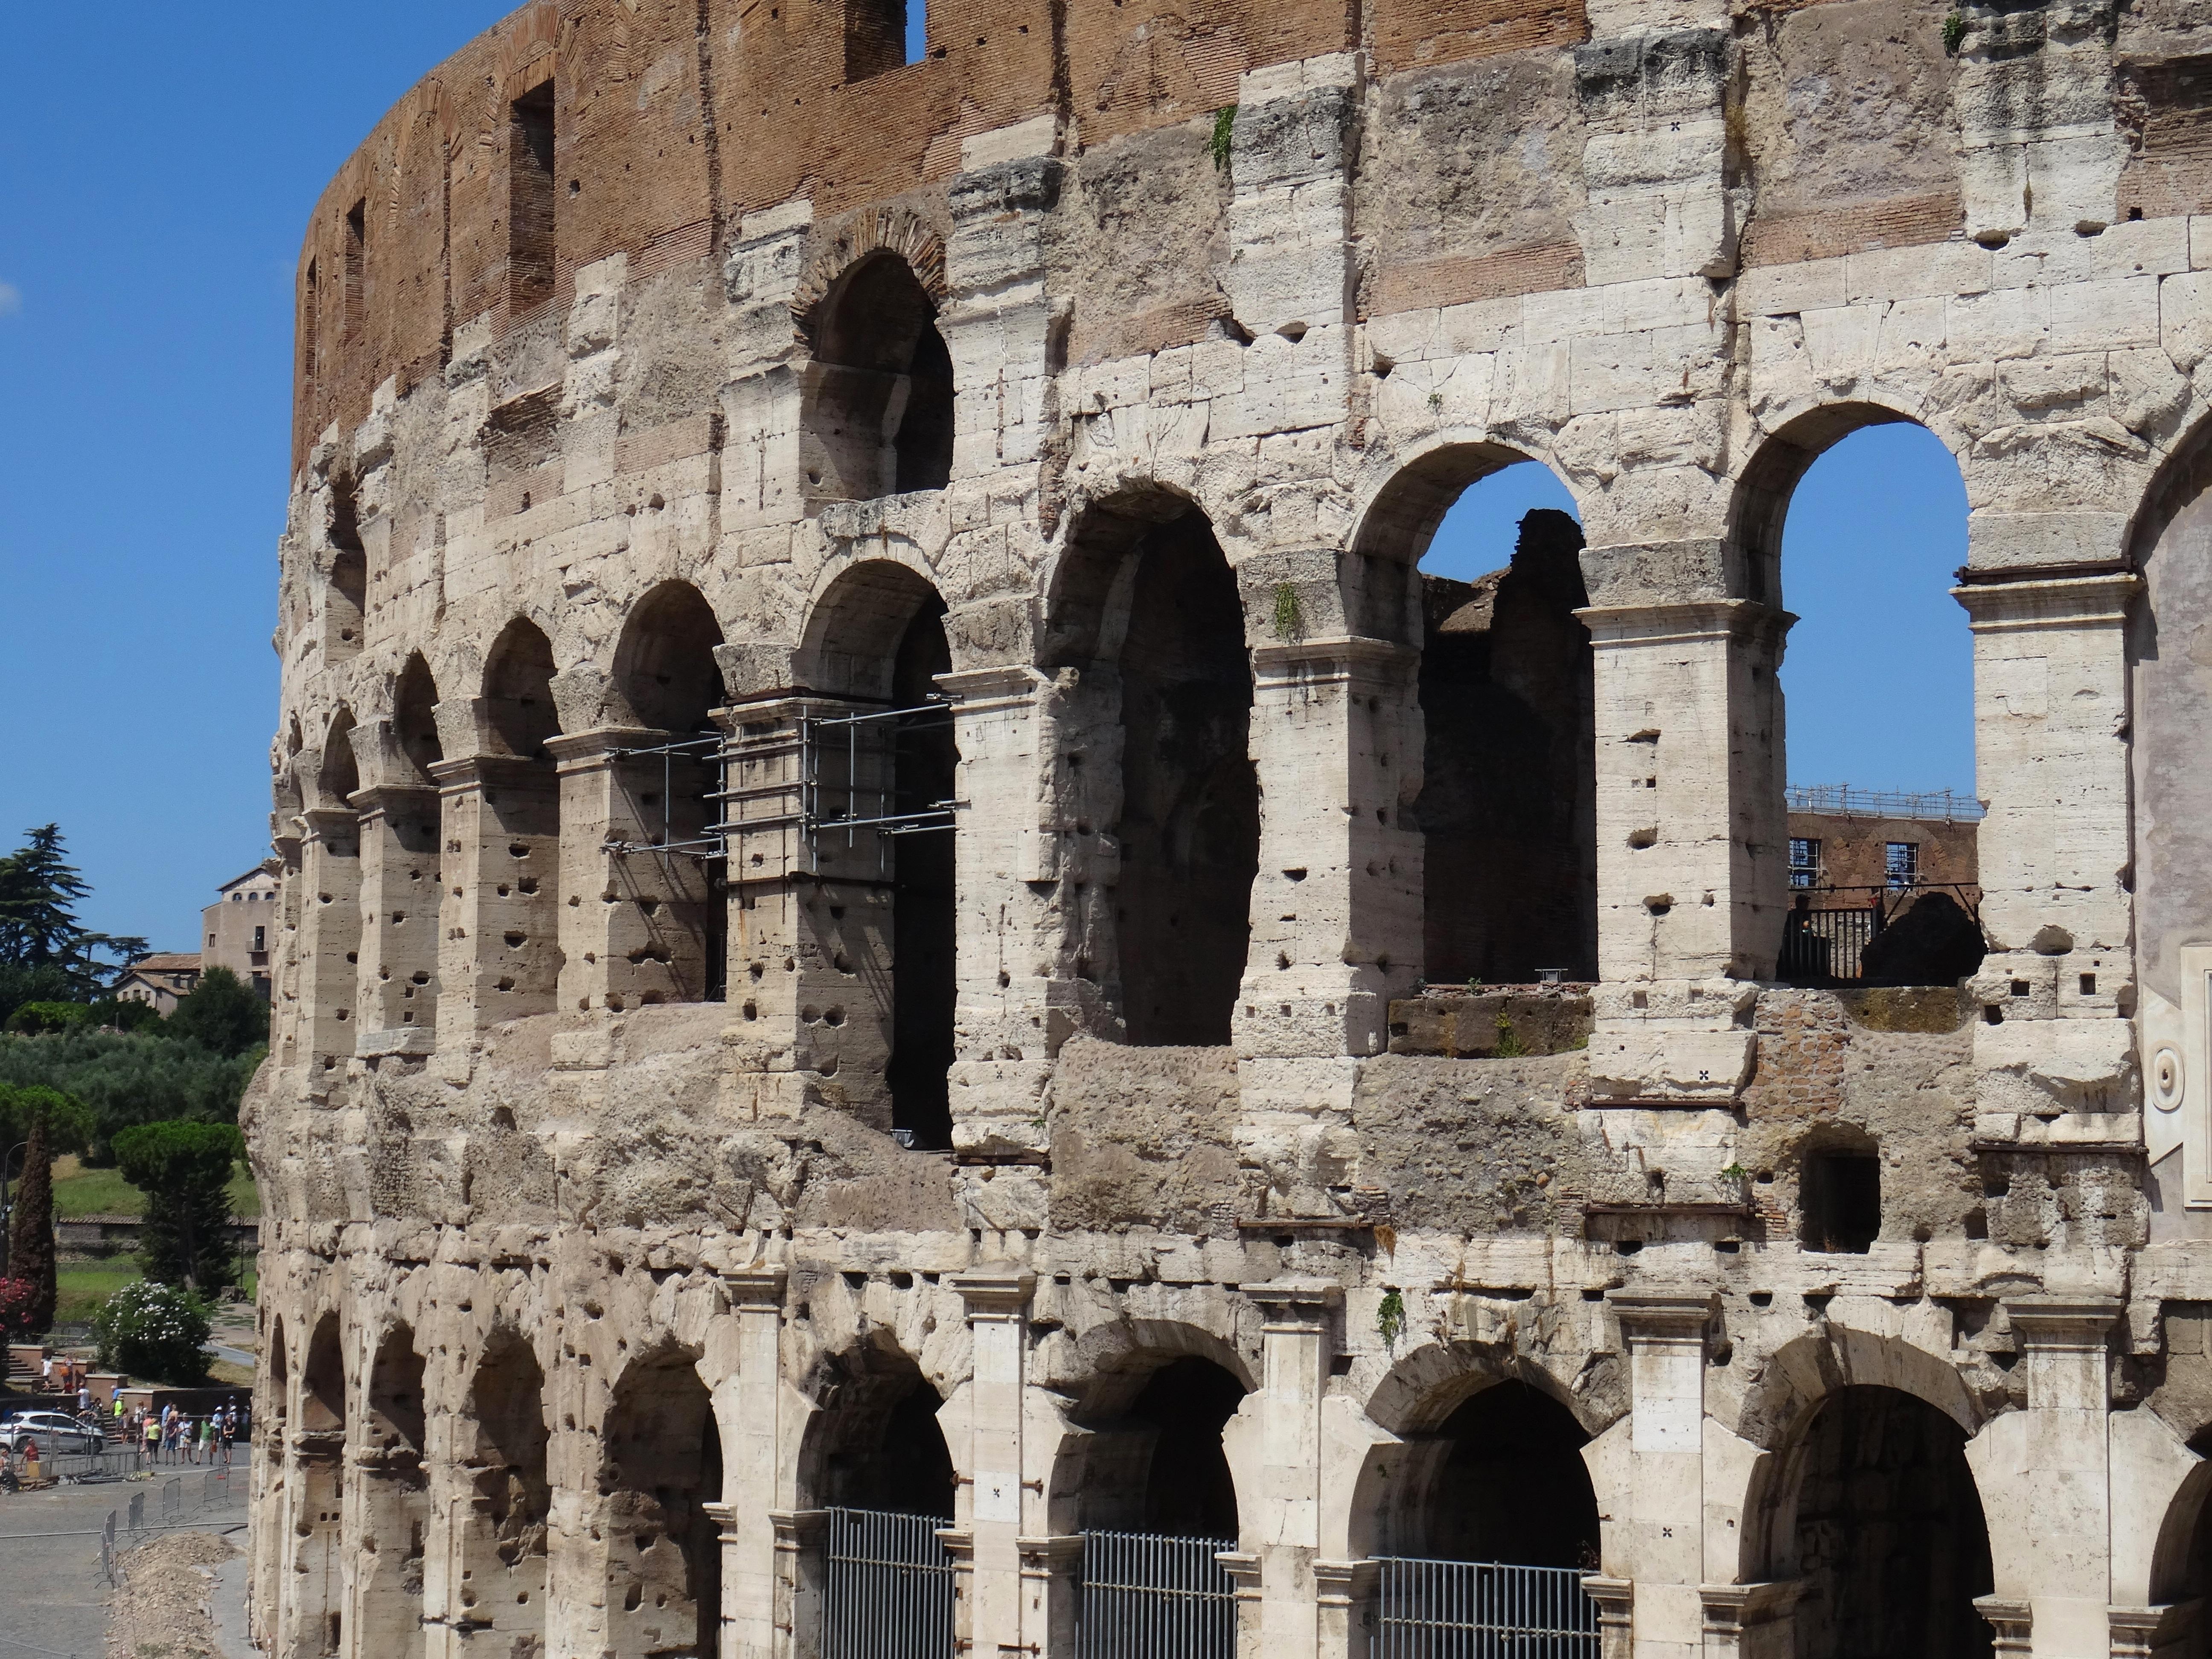 Roman Architecture Arches free images : structure, antique, building, monument, arch, column